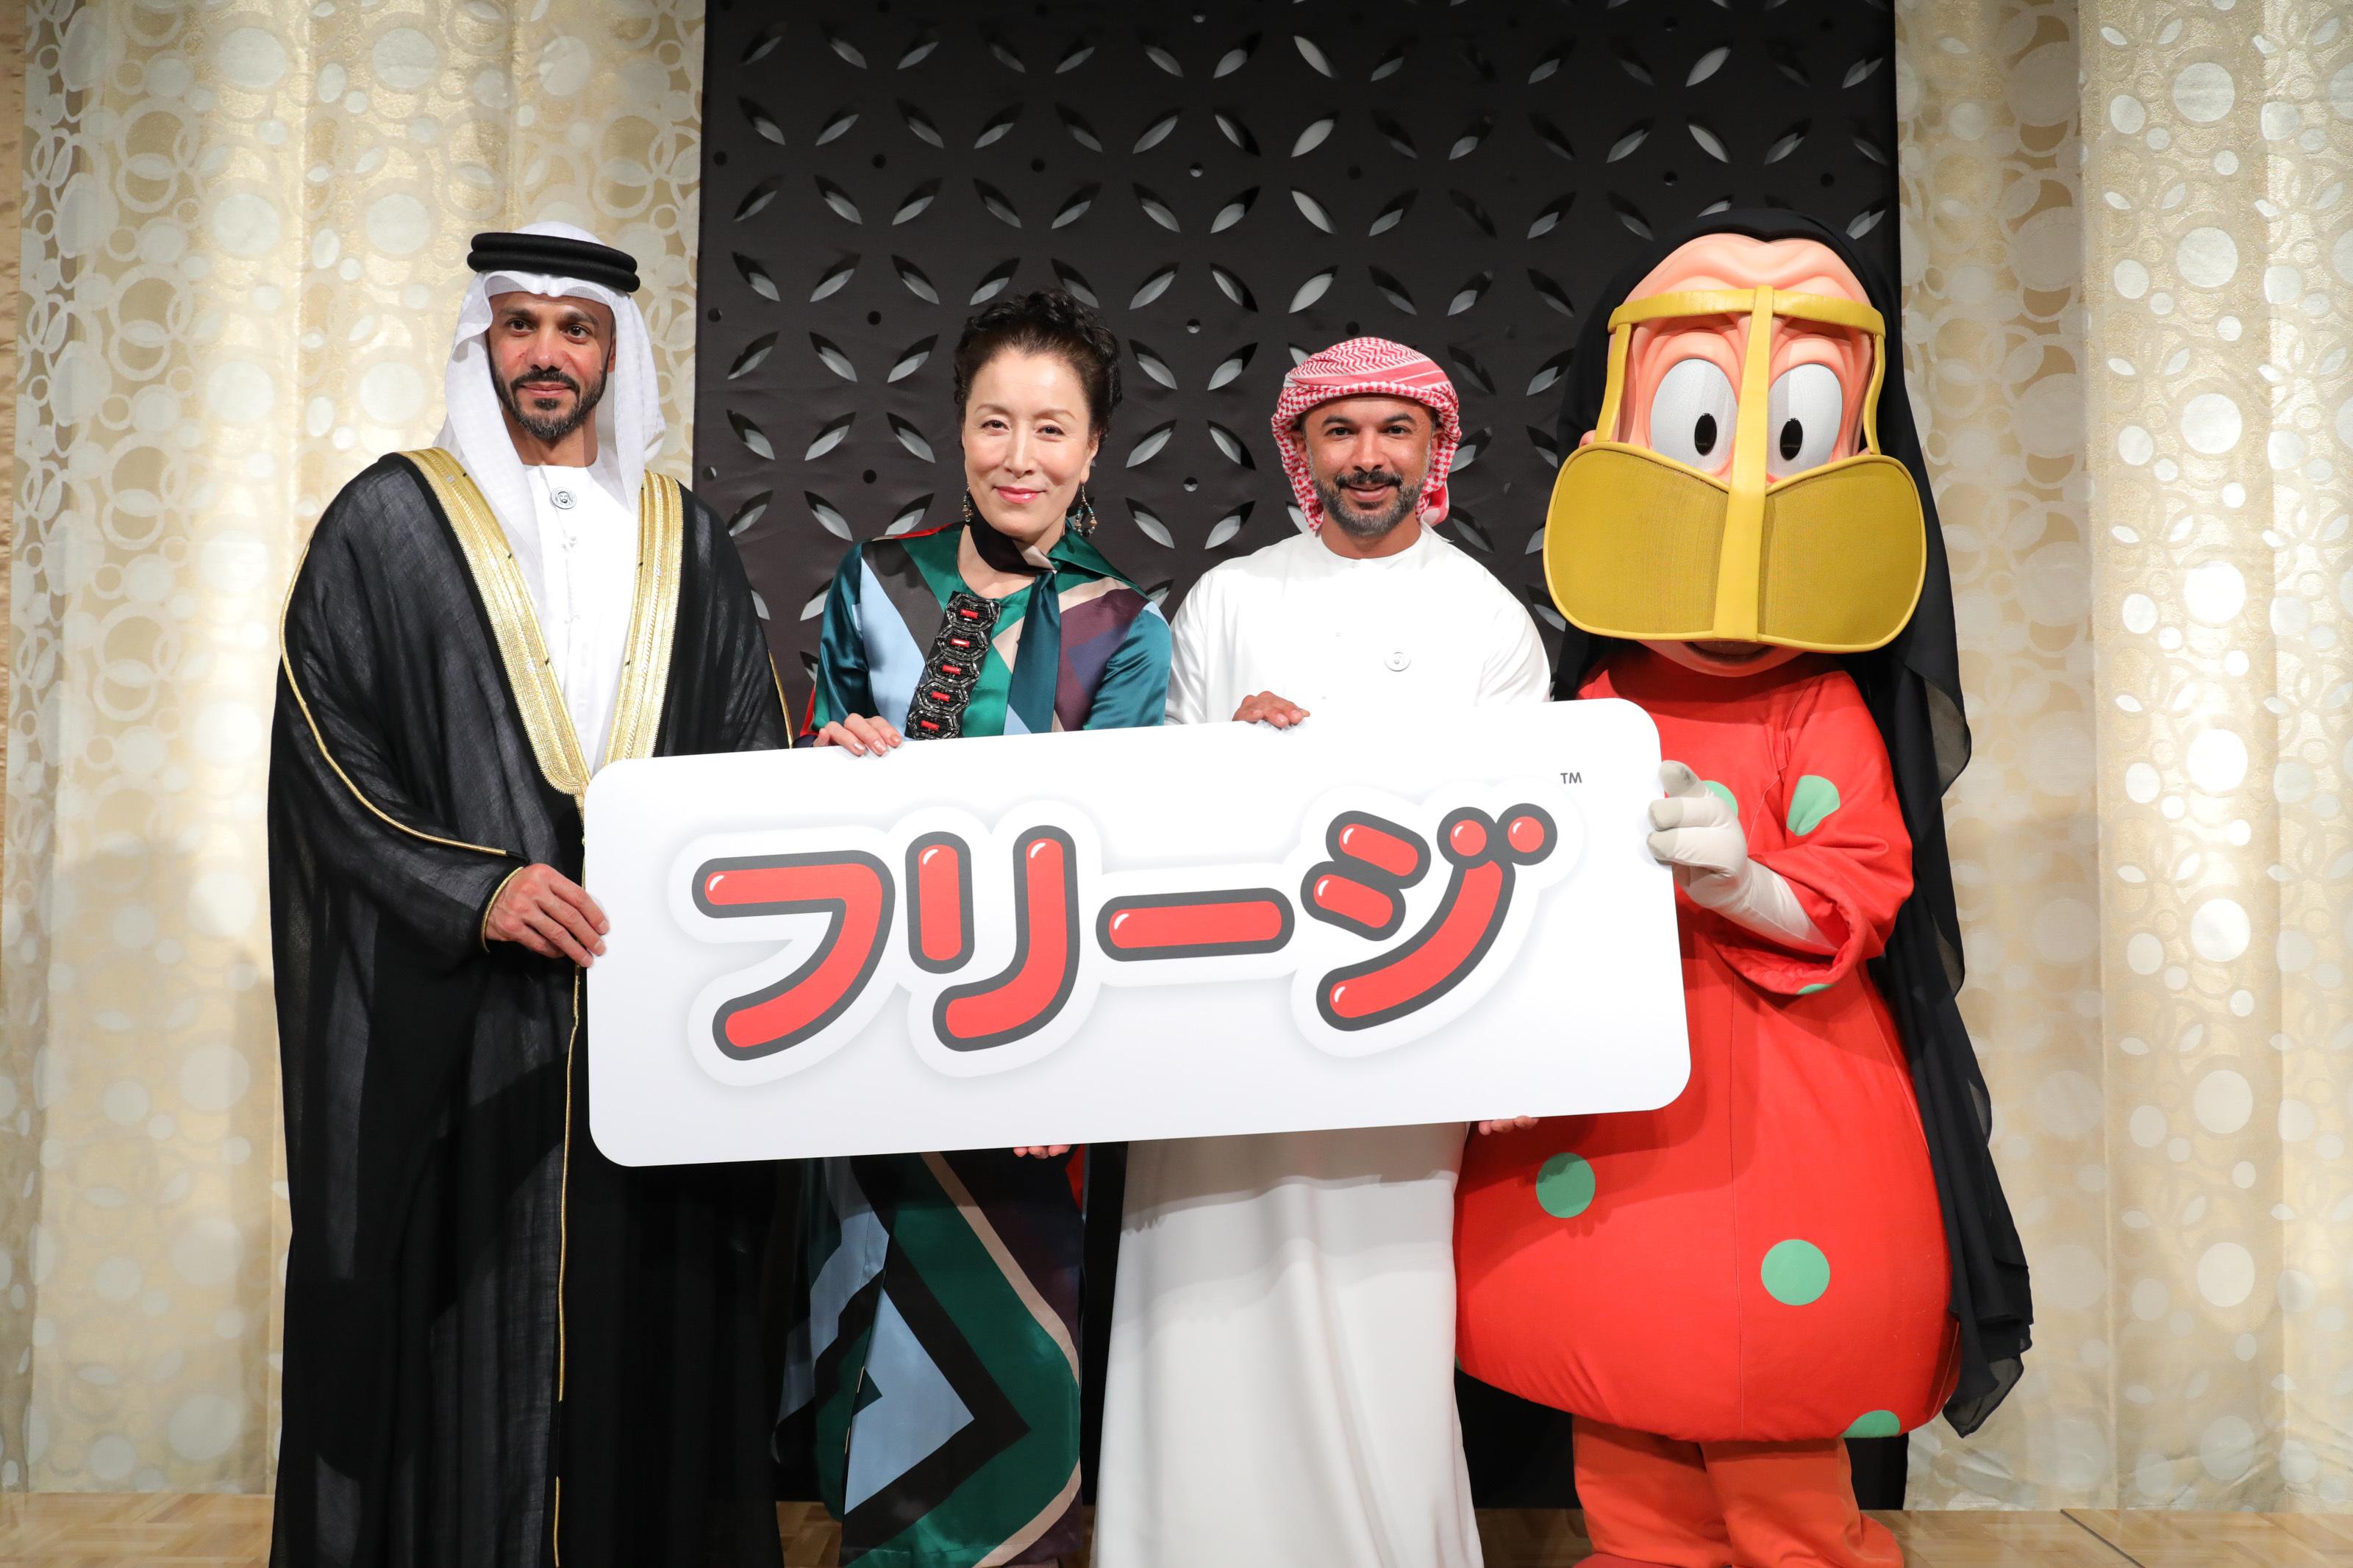 左から カリド・オムラン・スカイット・サルハン・アルアメリ閣下、高畑淳子、モハメド・サイード・ハリブ監督、ウム・サイード